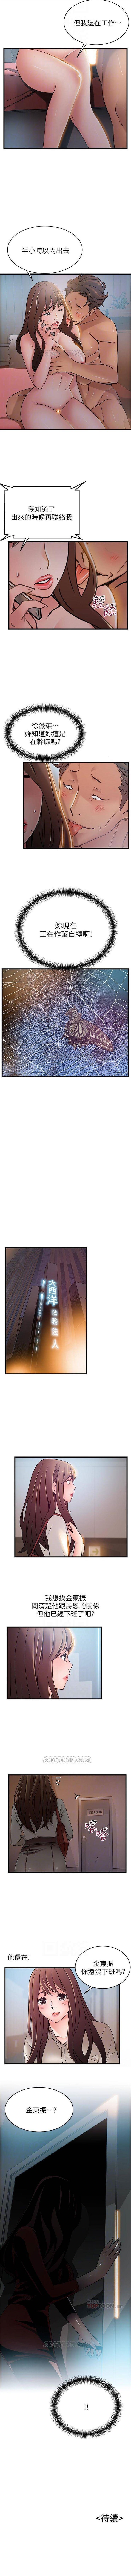 (周7)弱点 1-66 中文翻译(更新中) 340